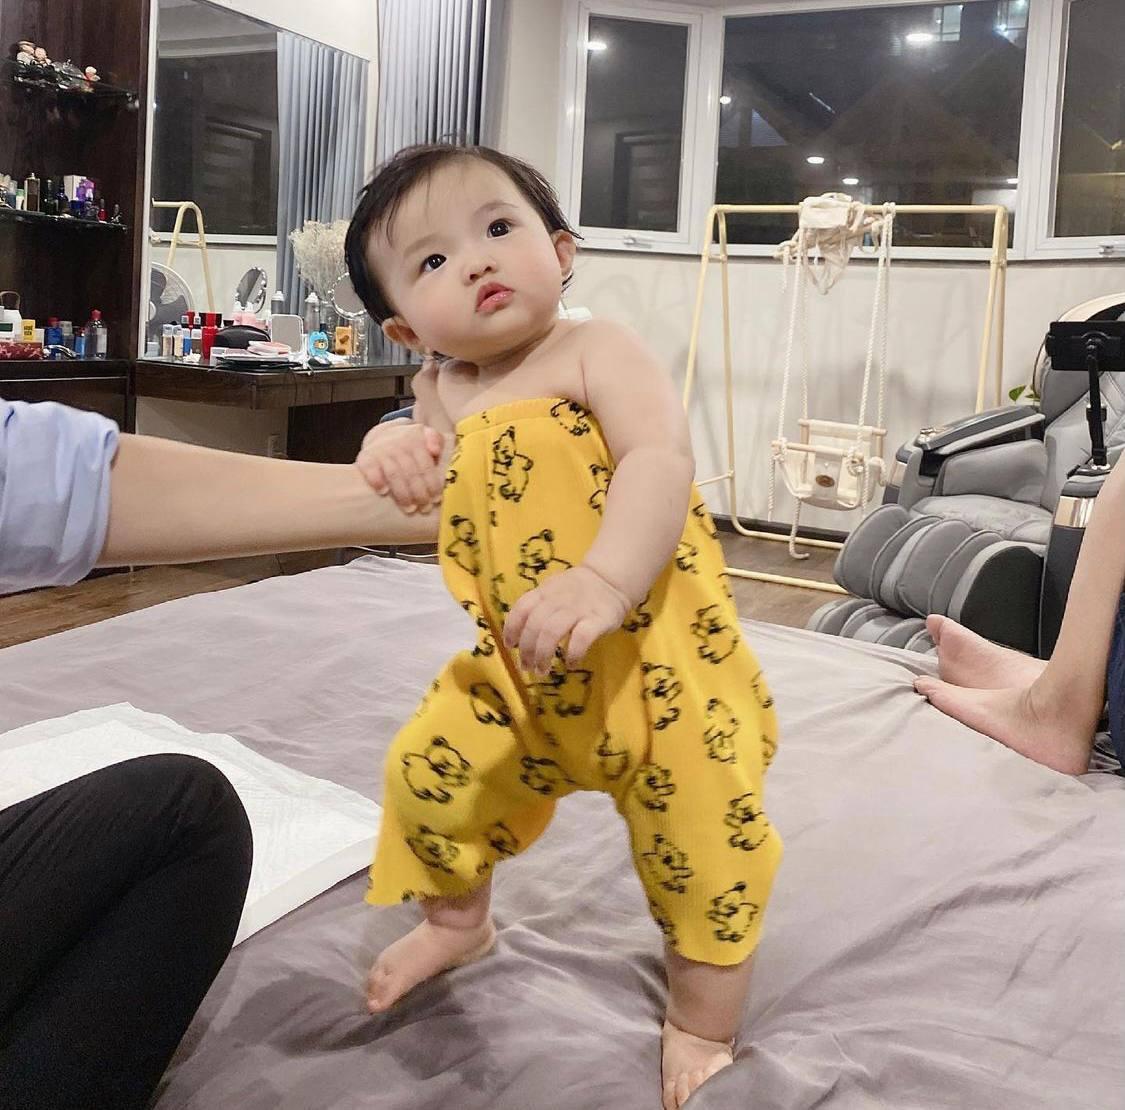 Đông Nhi lại đem con gái ra thử nghiệm thời trang kiểu chùm quần làm jumpsuit, dân tình một lòng: Ông Cao Thắng phiên bản nữ đây rồi! - Ảnh 4.